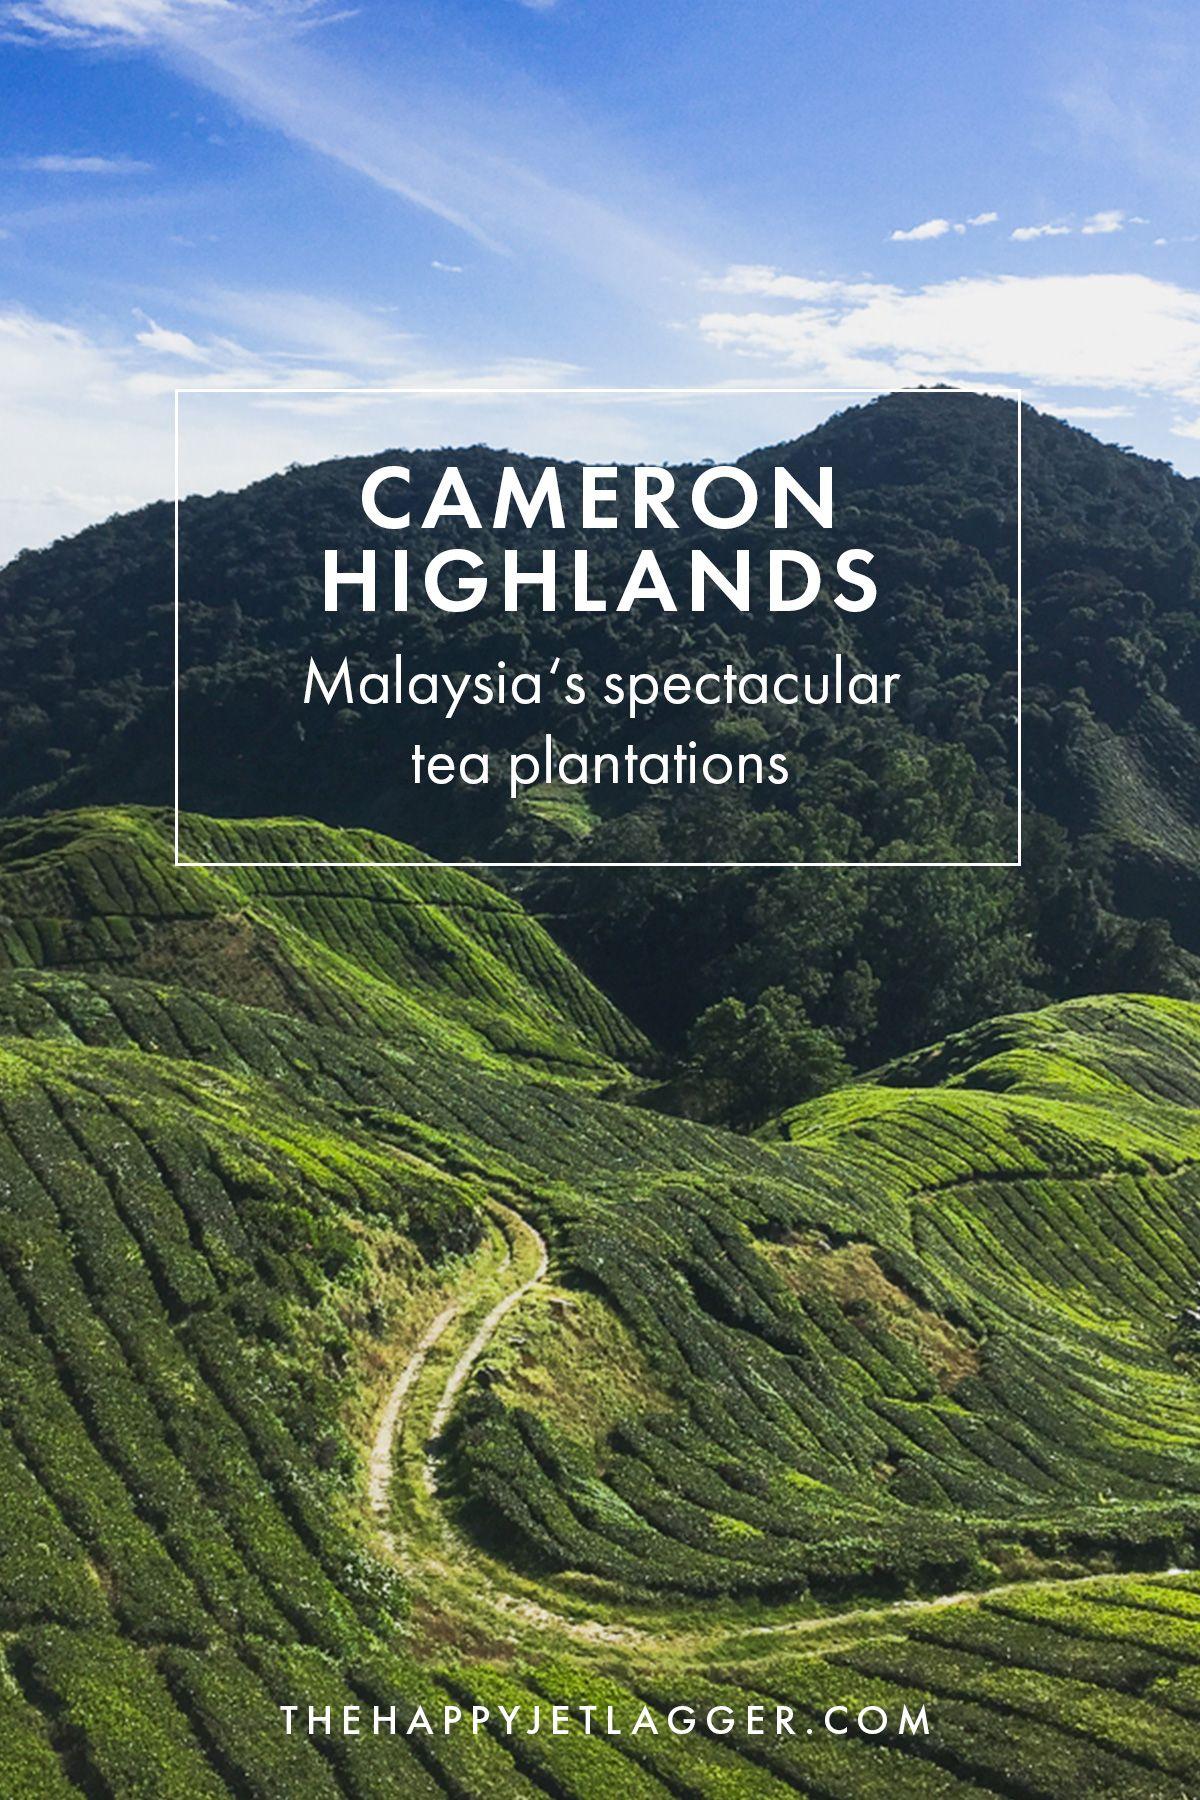 Cameron Highlands Naturerlebnis in Malaysia! Tipps für